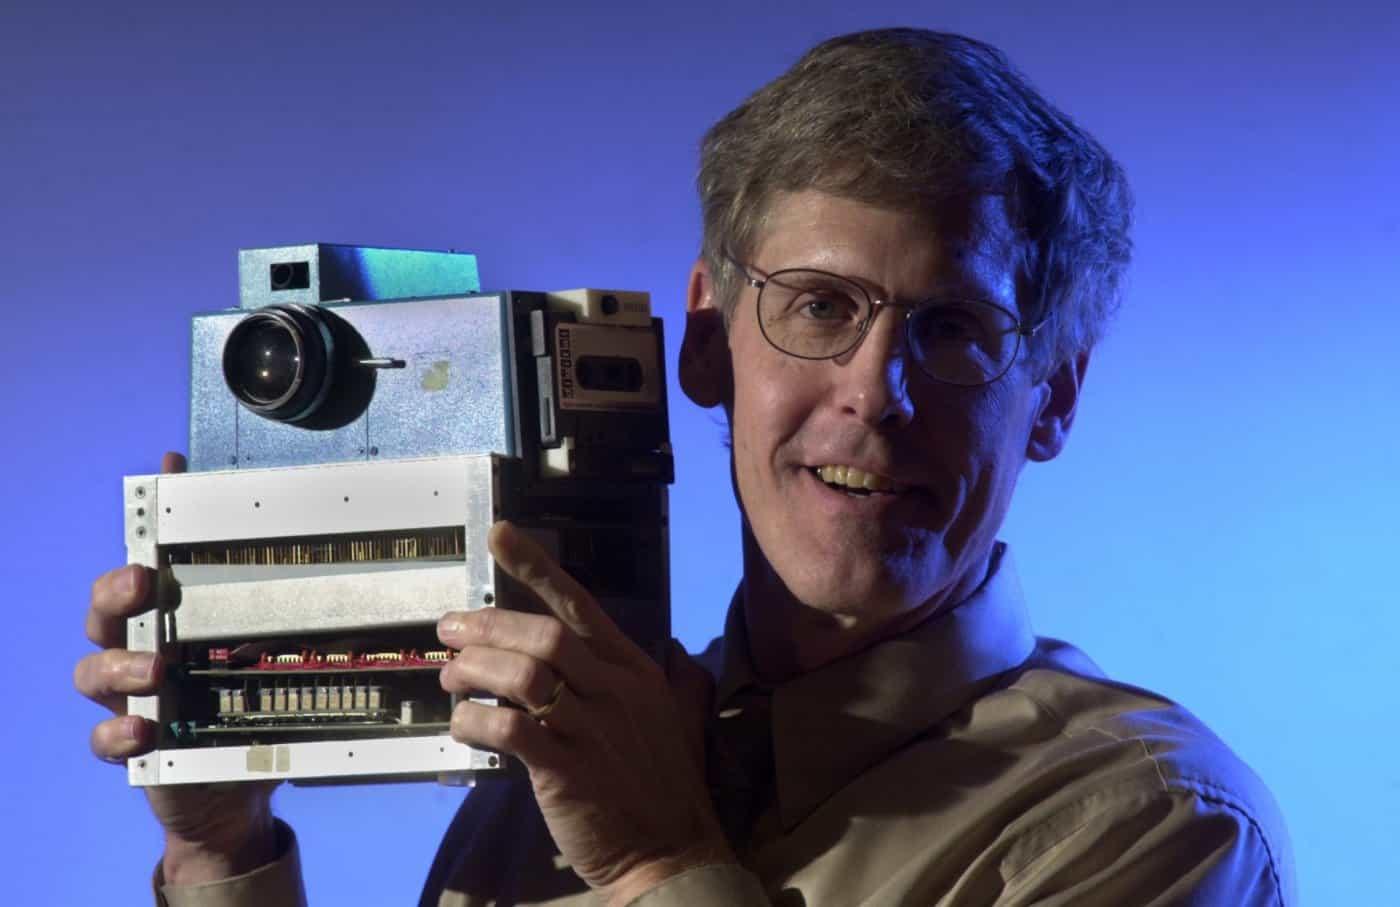 من مخترع أول كاميرا في العالم موسوعة